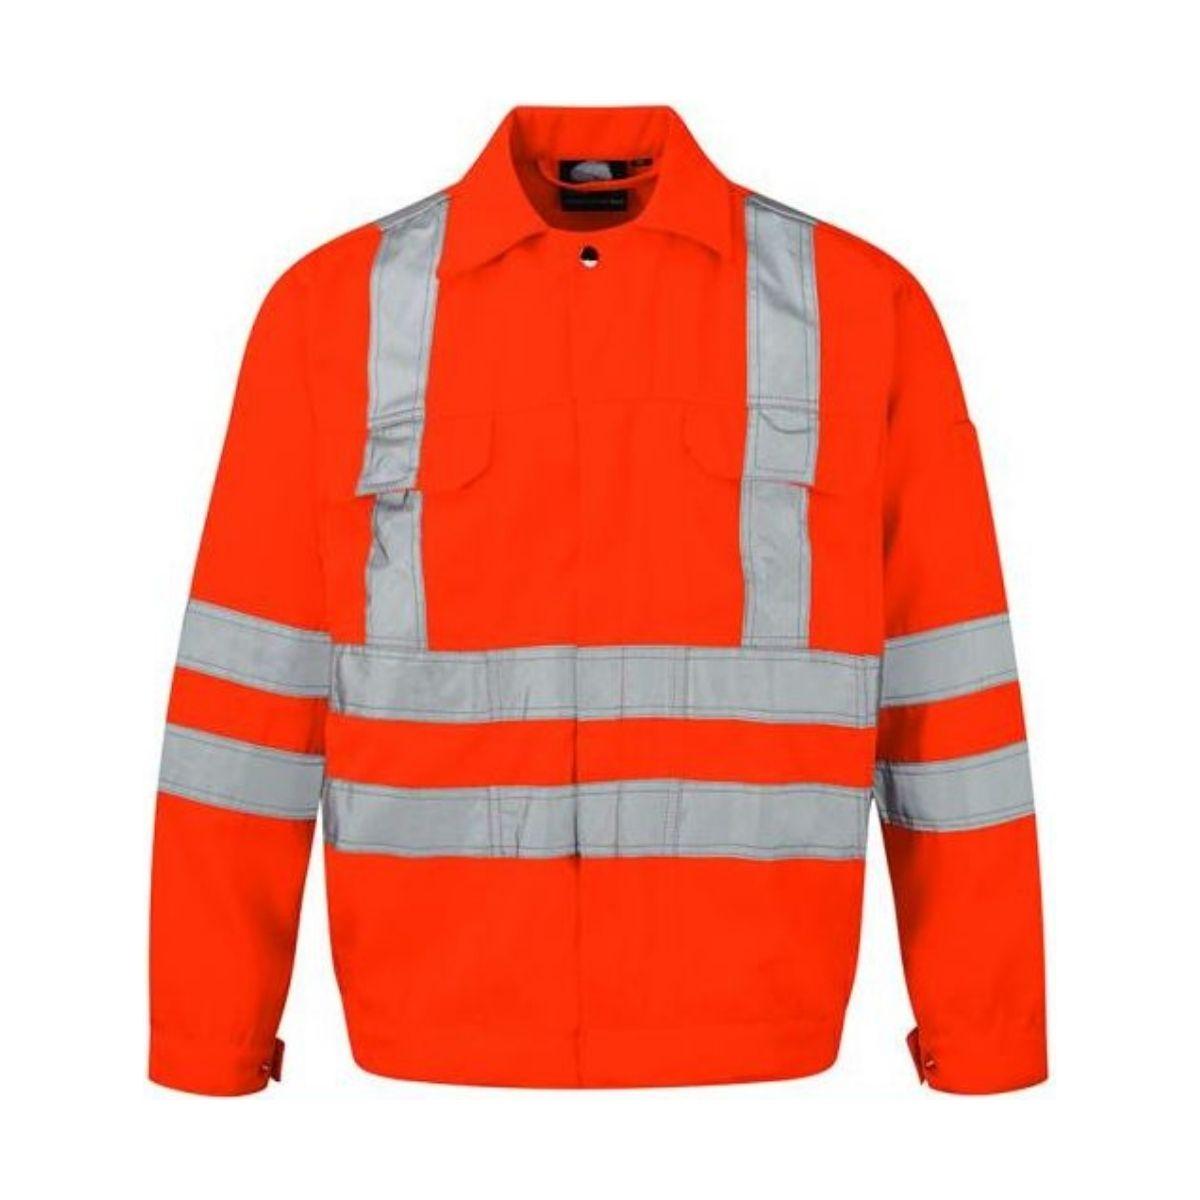 HV0020 Hi-Vis Orange Poly-Cotton Work Jacket GO_RT